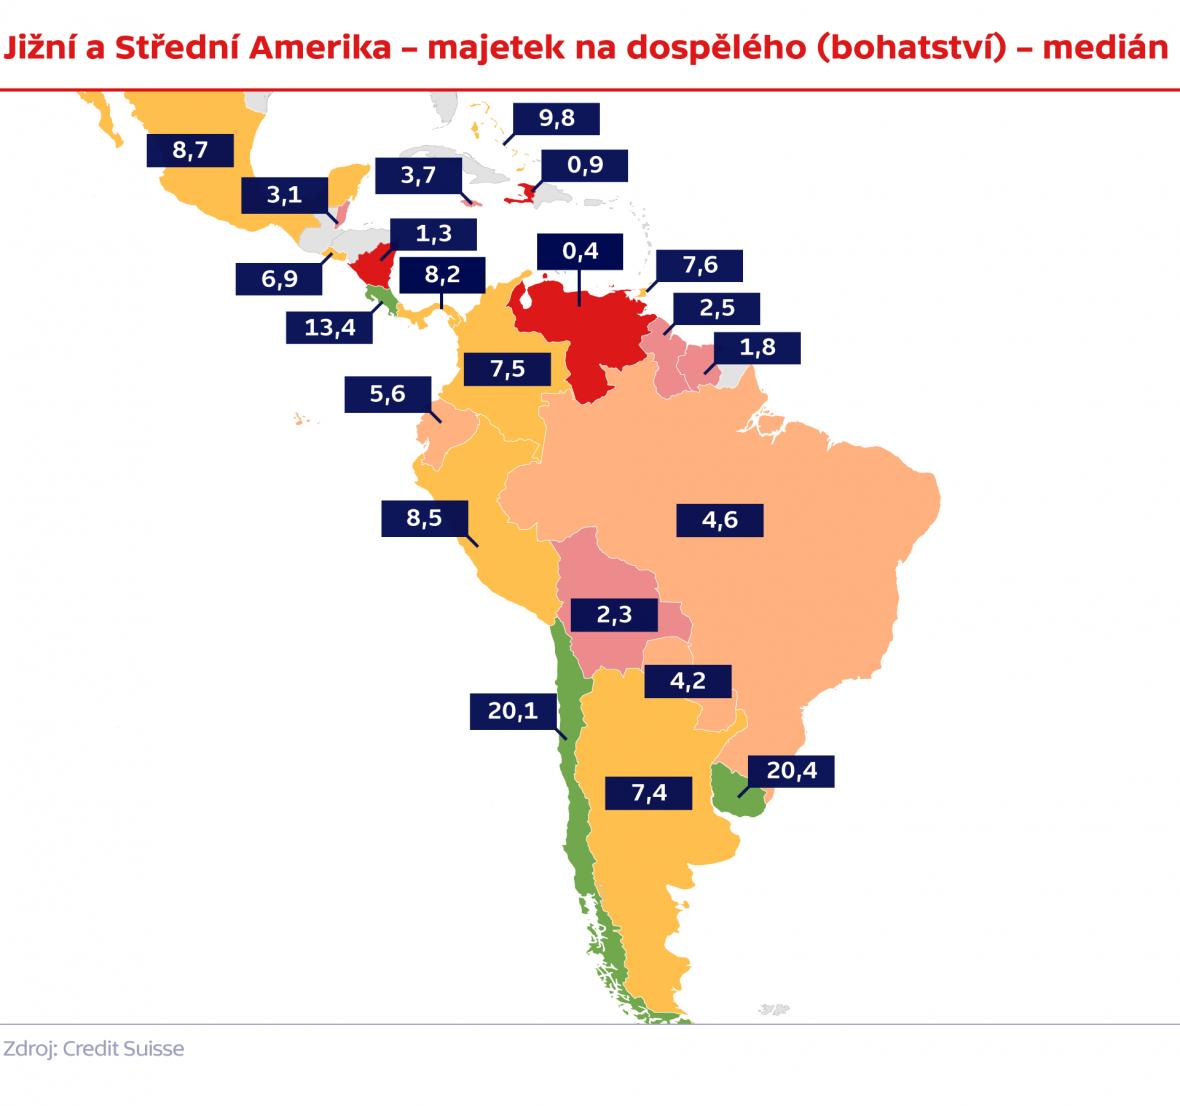 Současná ekonomická situace v Jižní a Střední Americe k prvnímu pololetí 2017